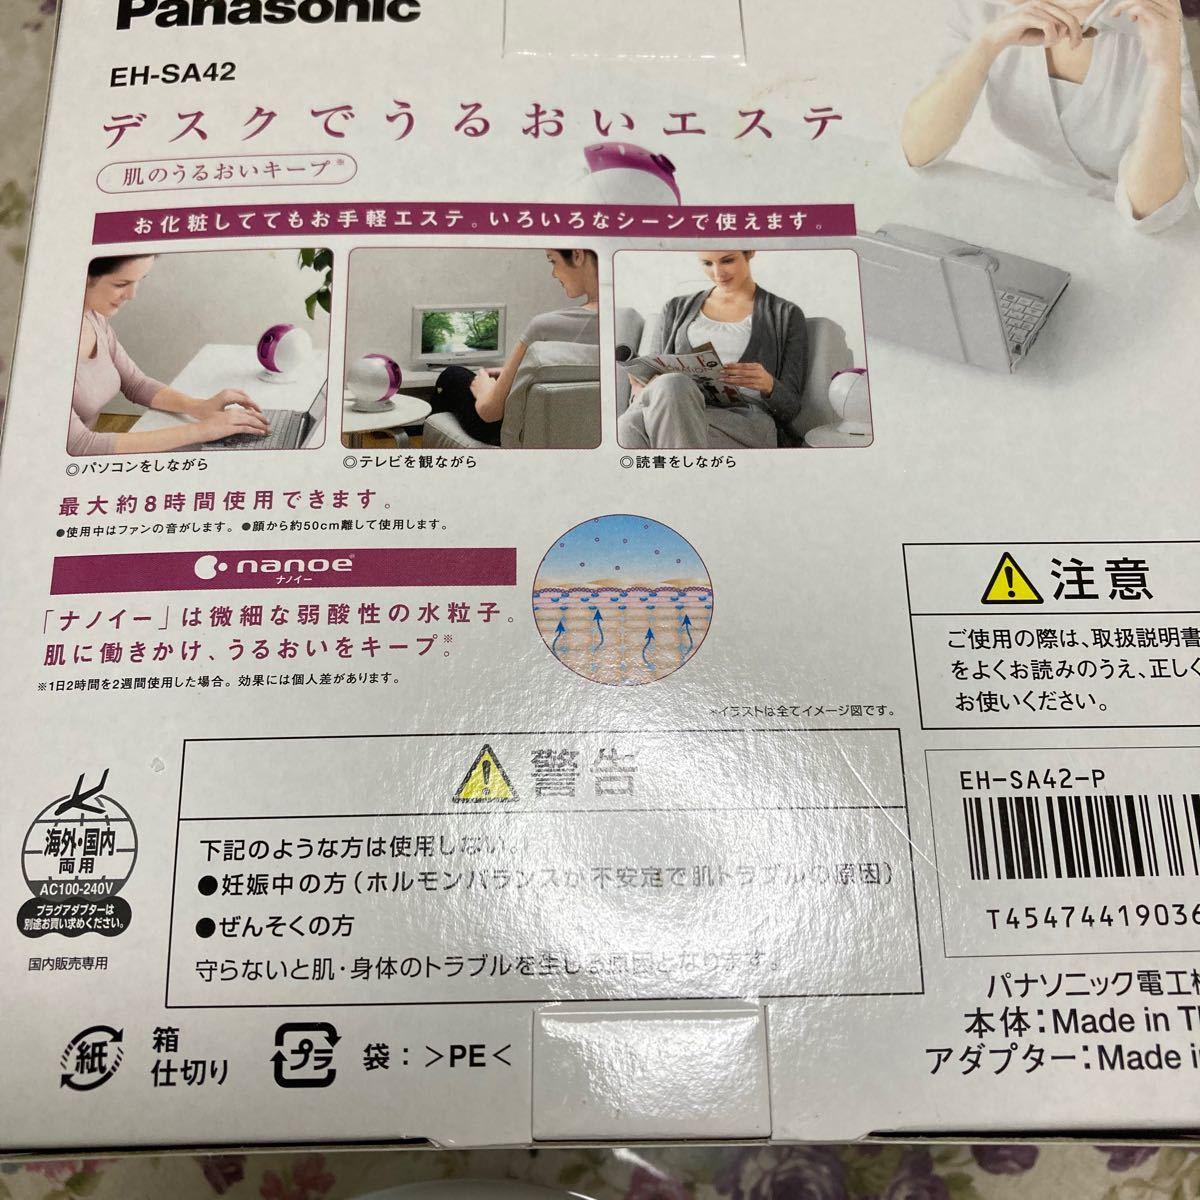 「ナノケア」Panasonic EH-SA42 ナノイー